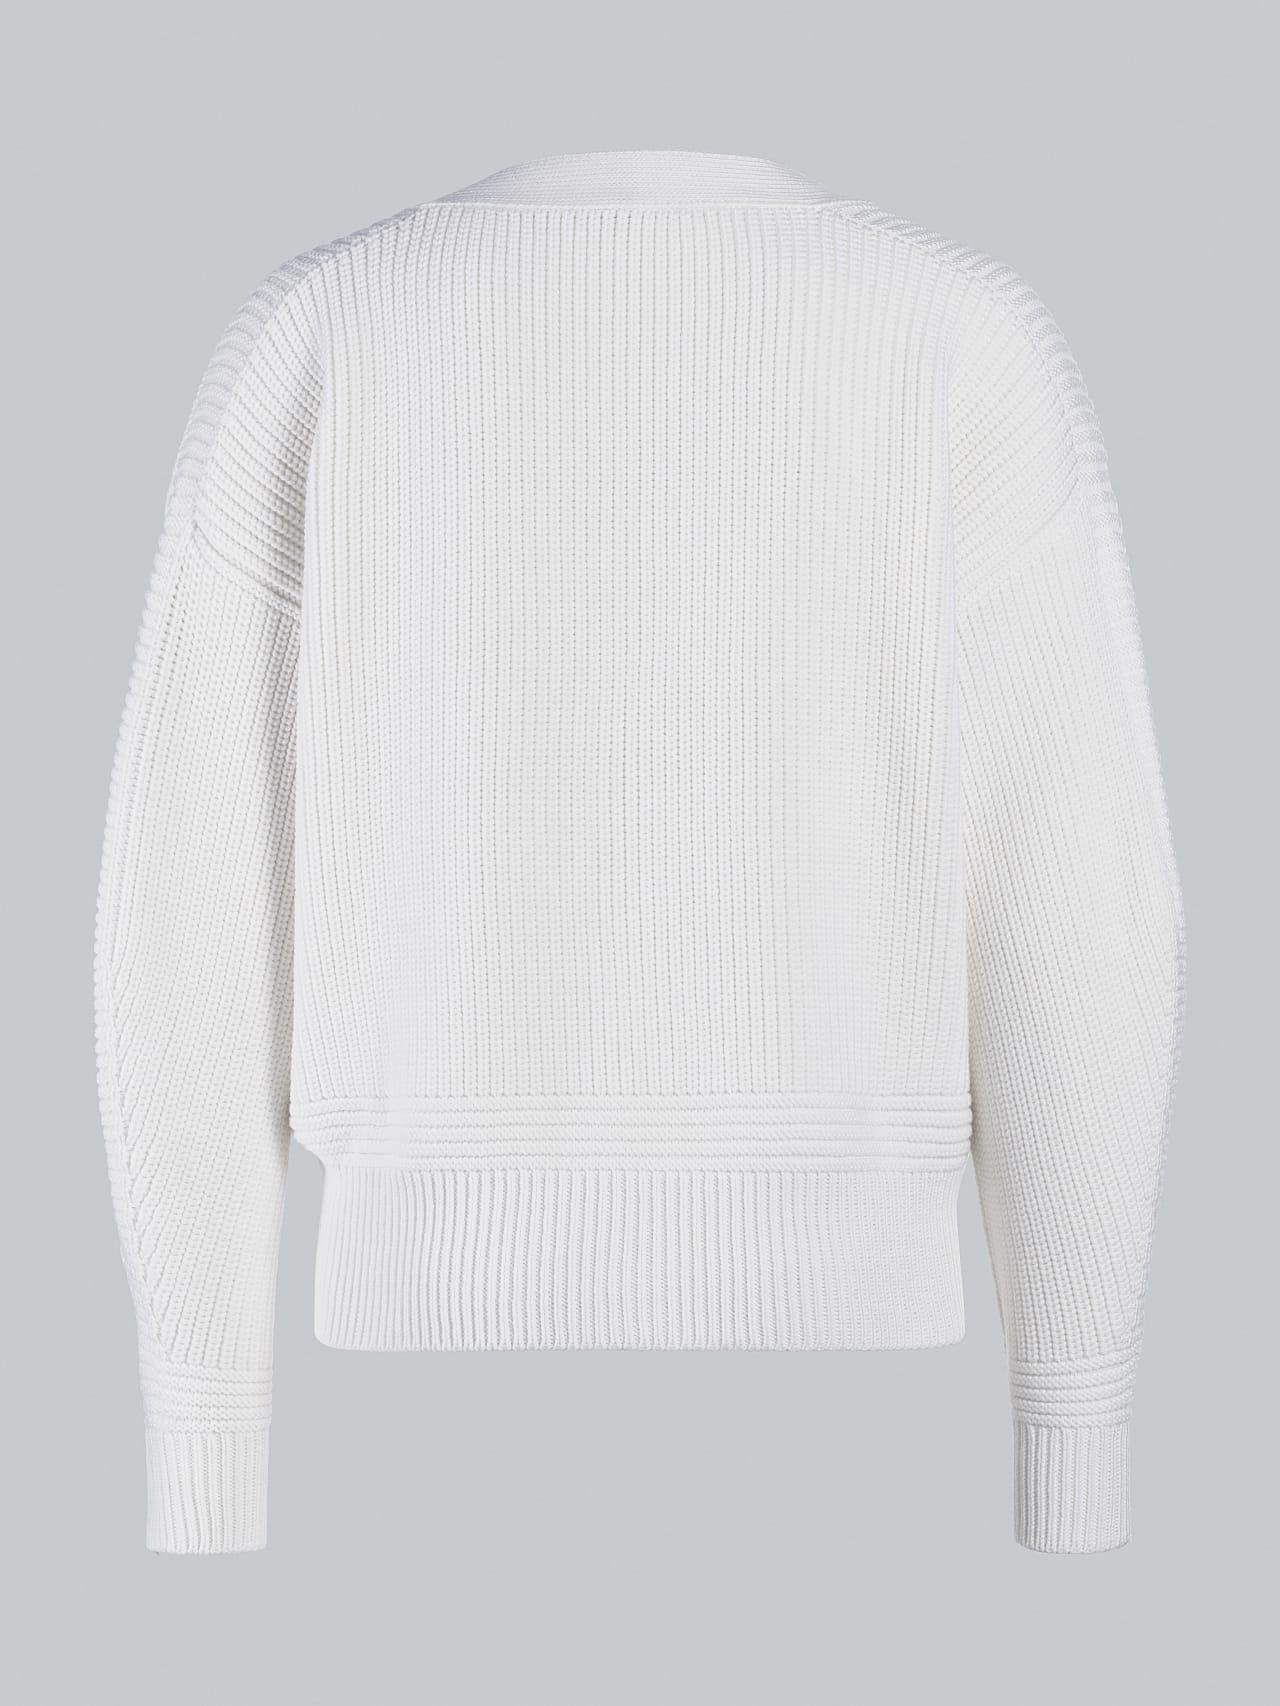 FREDA V1.Y5.02 Chunky Merino Wool Cardigan offwhite Left Alpha Tauri